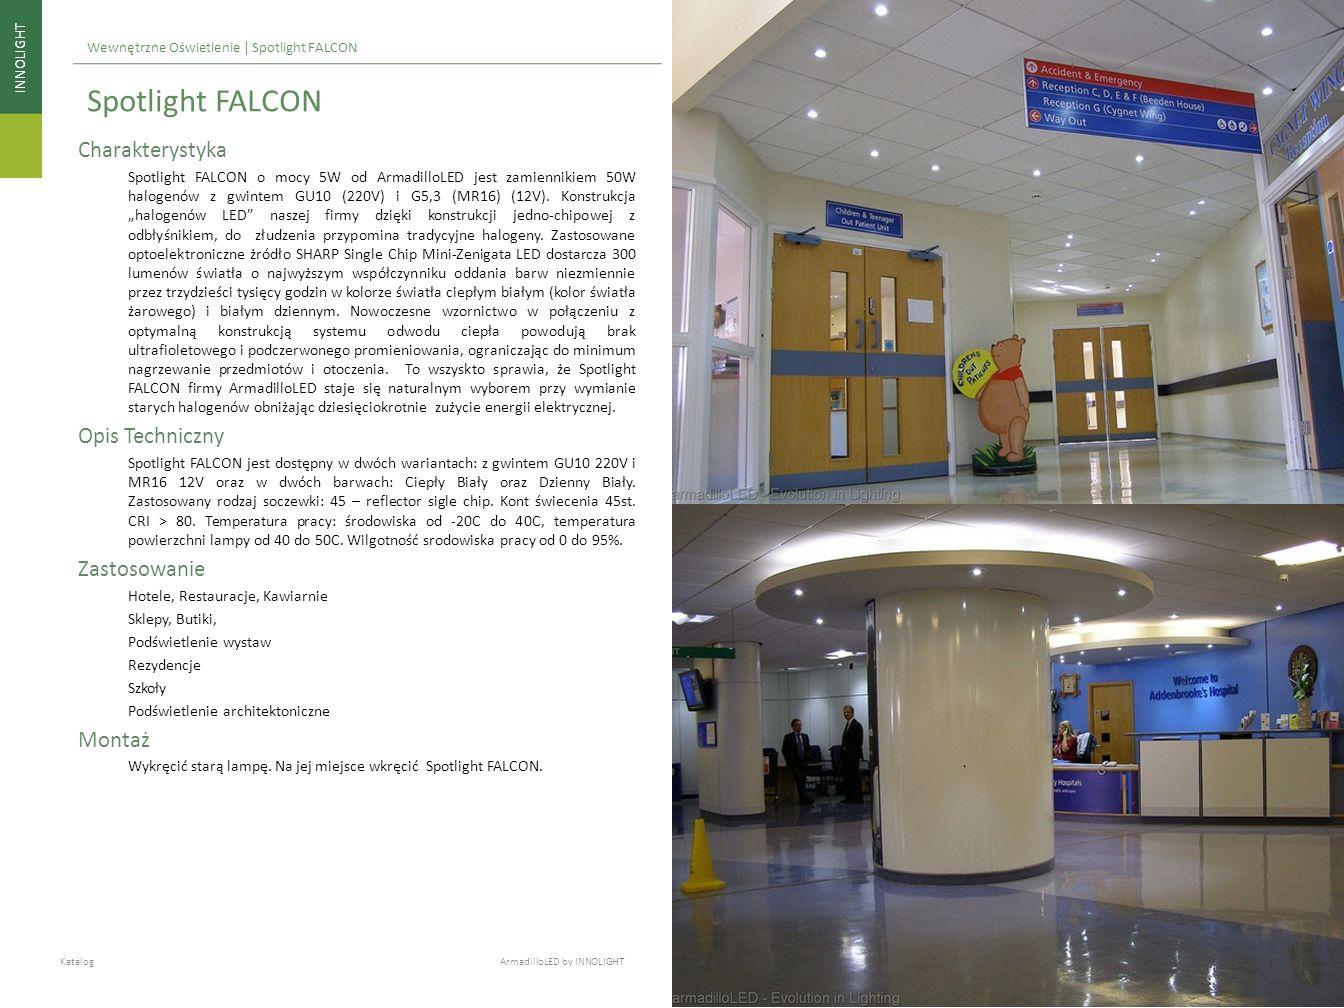 Spotlight FALCON Charakterystyka Opis Techniczny Zastosowanie Montaż